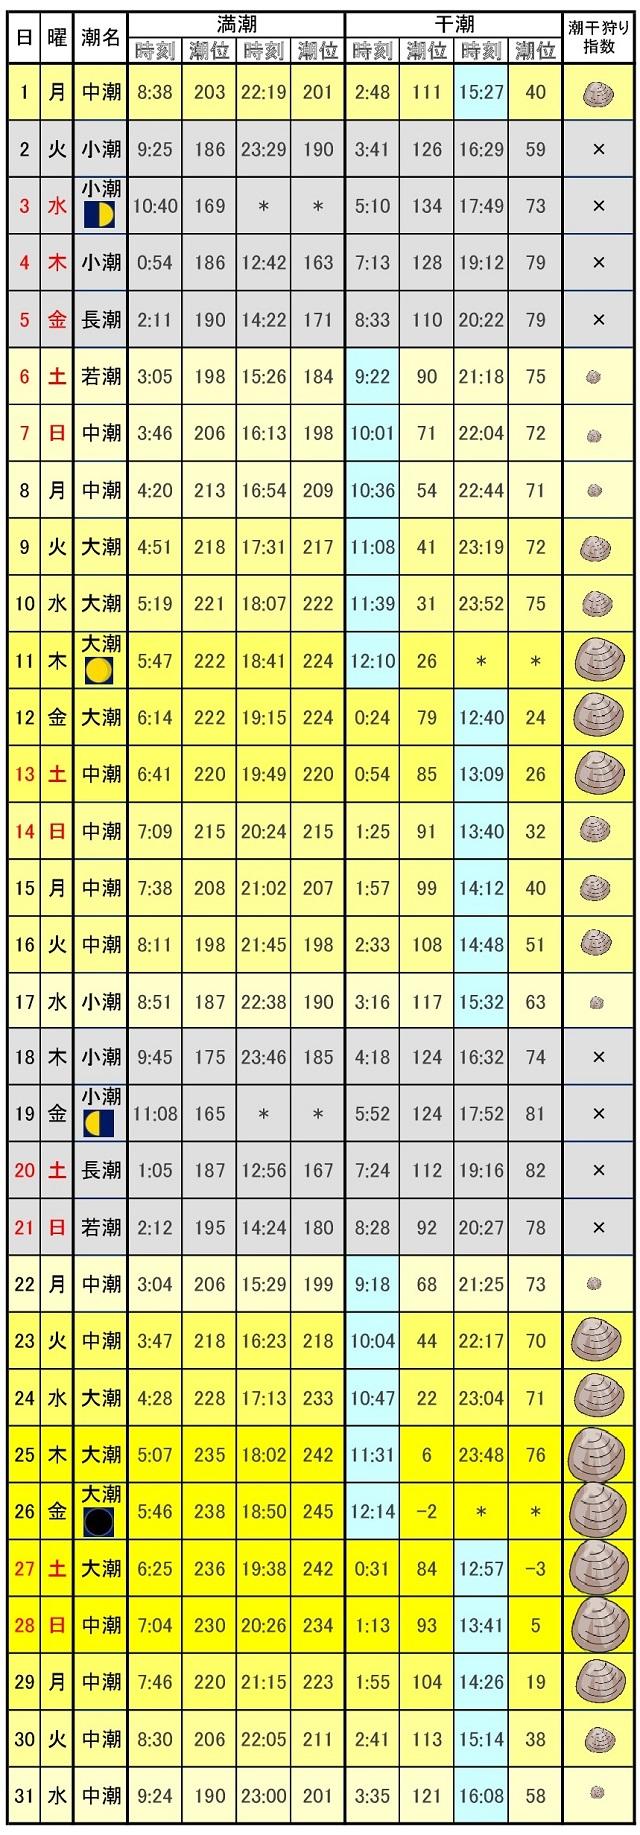 愛知潮見表潮汐表2017年5月